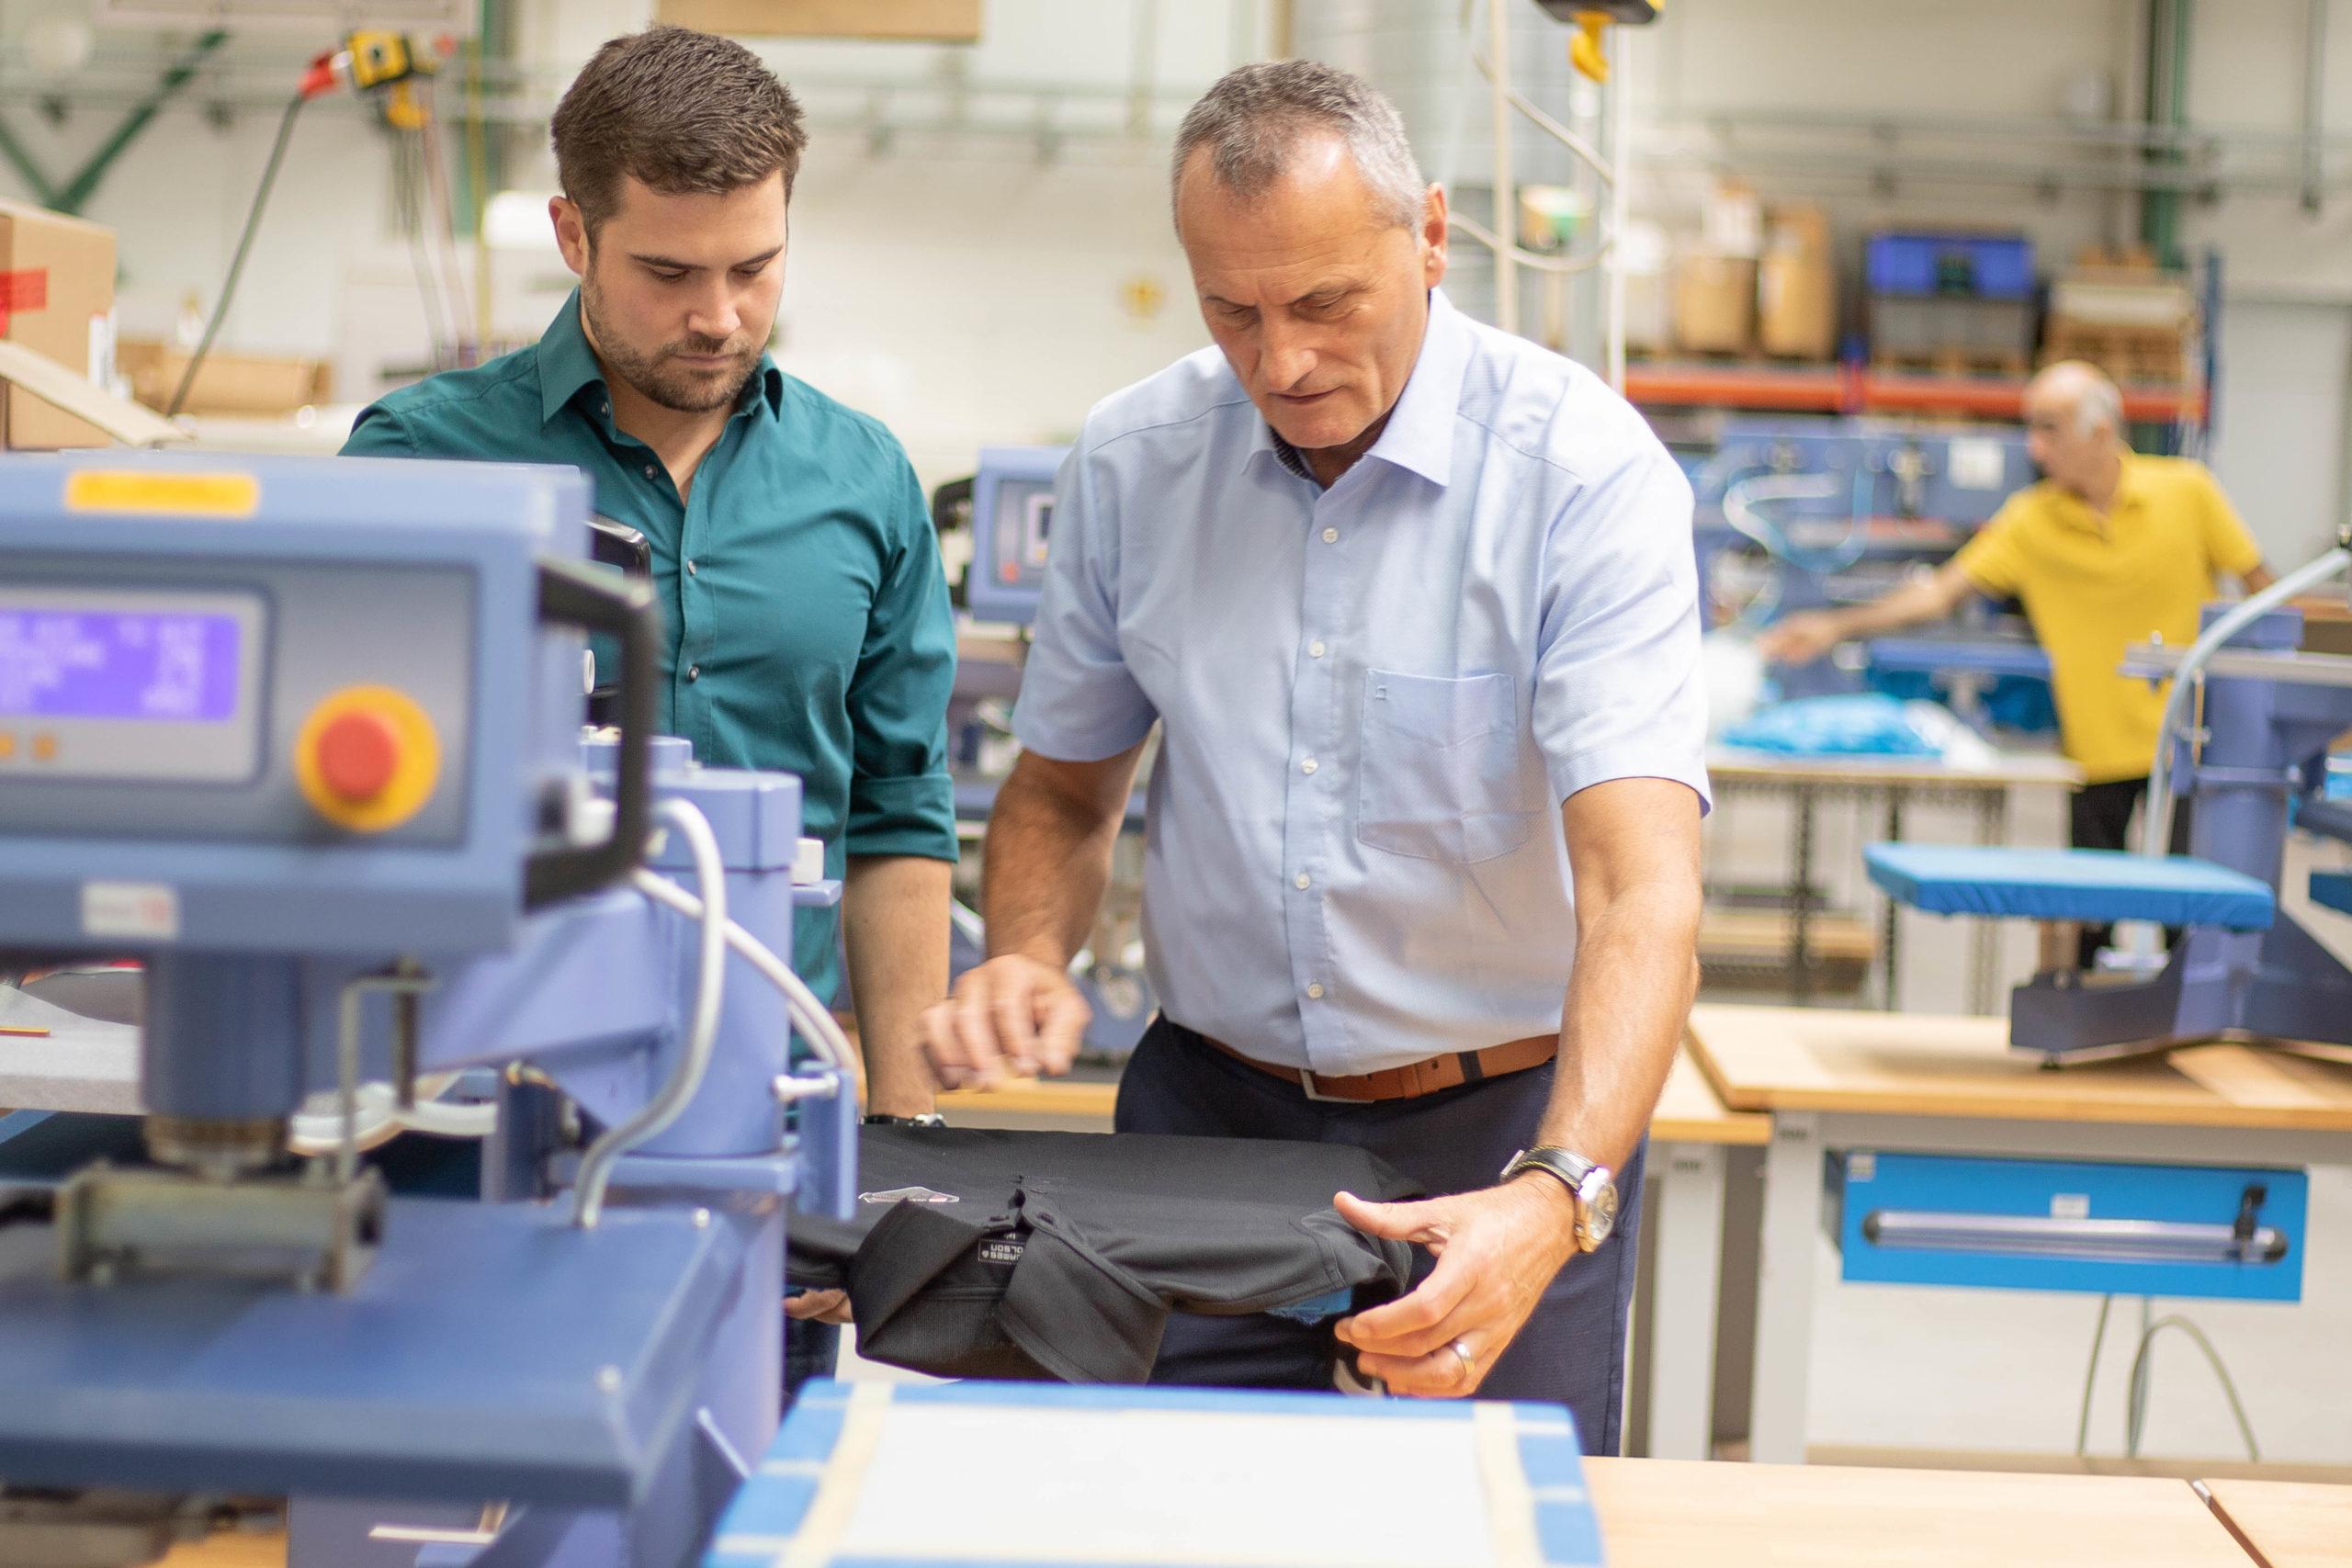 Vater und Sohn in der Produktion an einer Transferpresse